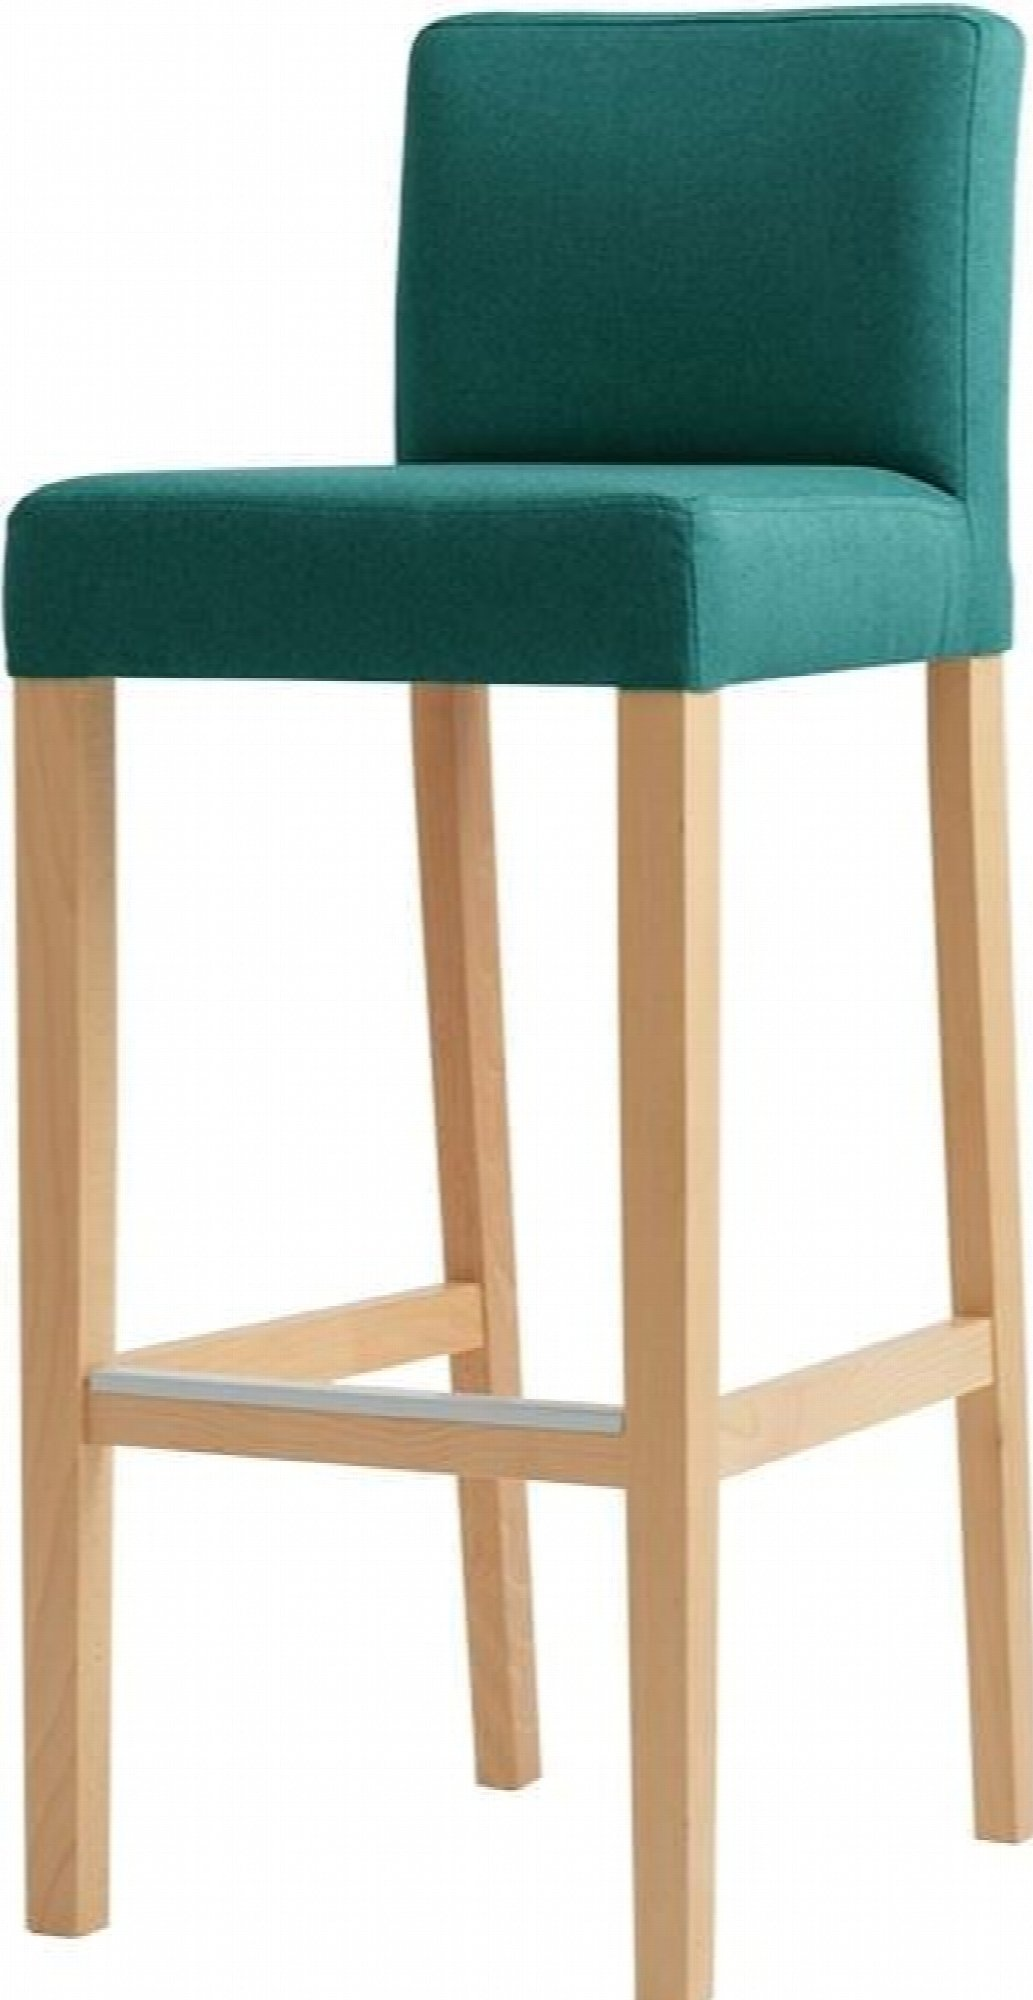 Chaise de bar tissu rembourrée vert pieds bois massif clair